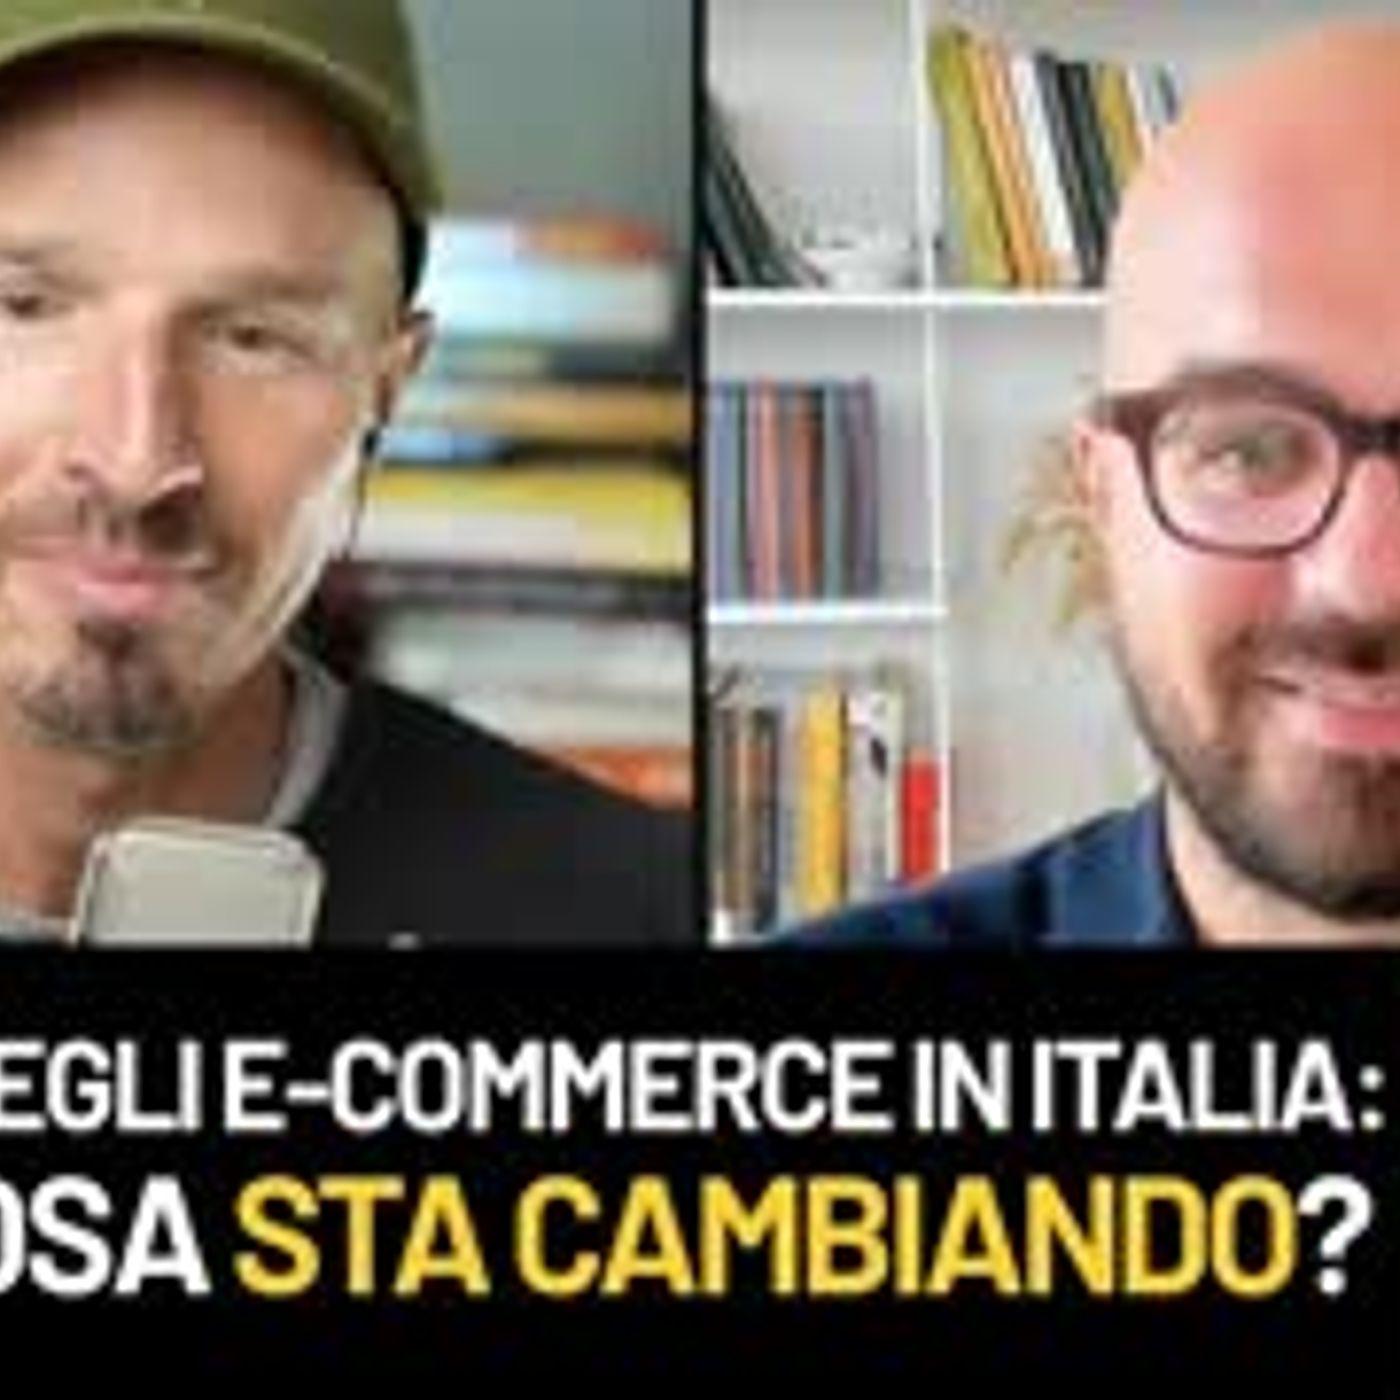 Il boom degli e-commerce in Italia: qualcosa sta cambiando?